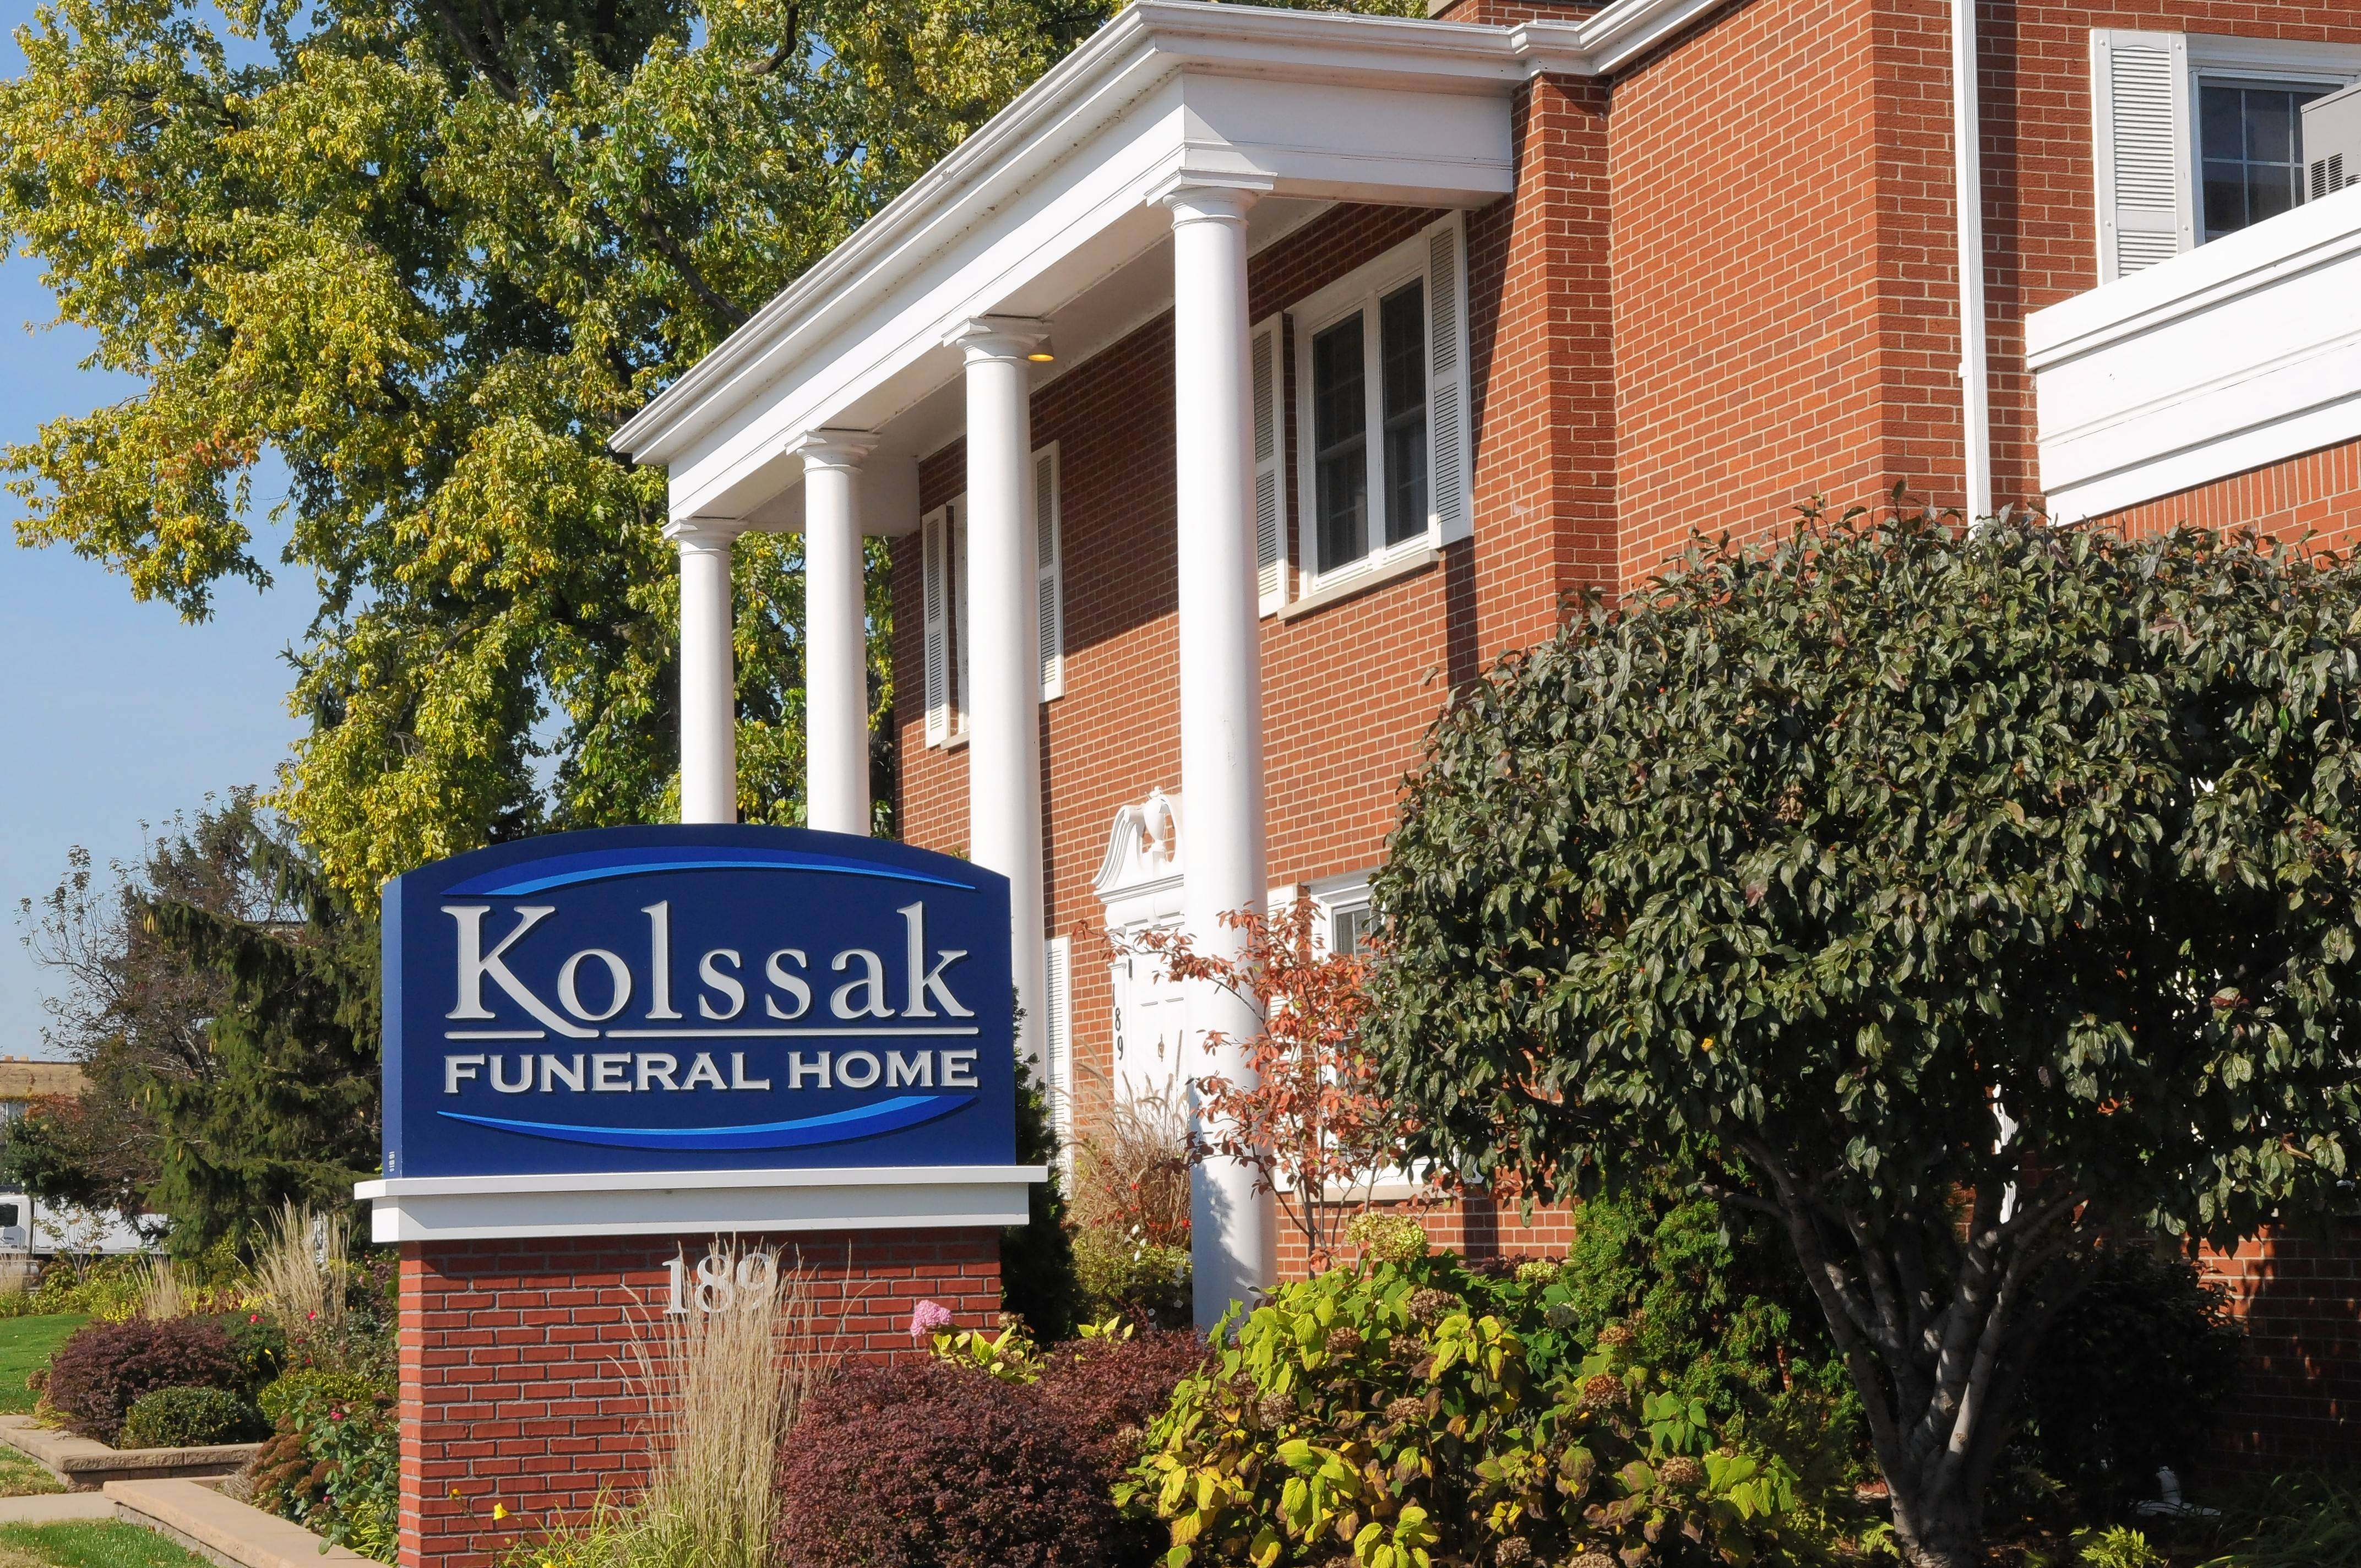 Kolssak funeral home il